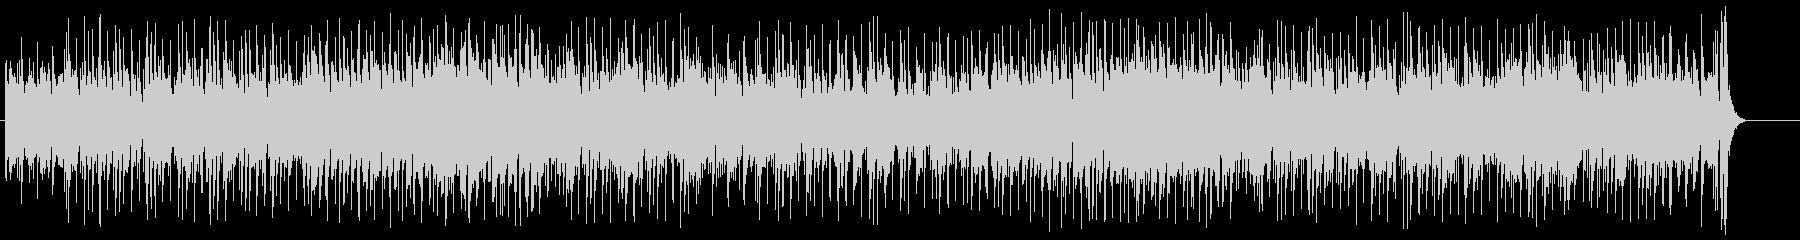 チャイナ&ジャパンムードのフュージョンの未再生の波形